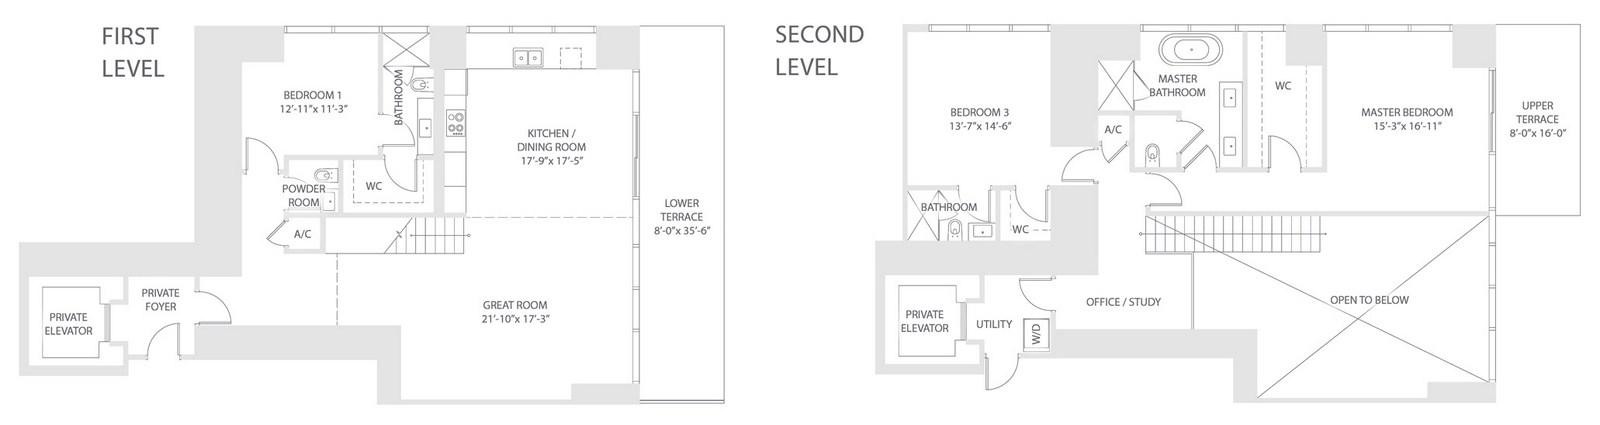 Elysee - Floorplan 2